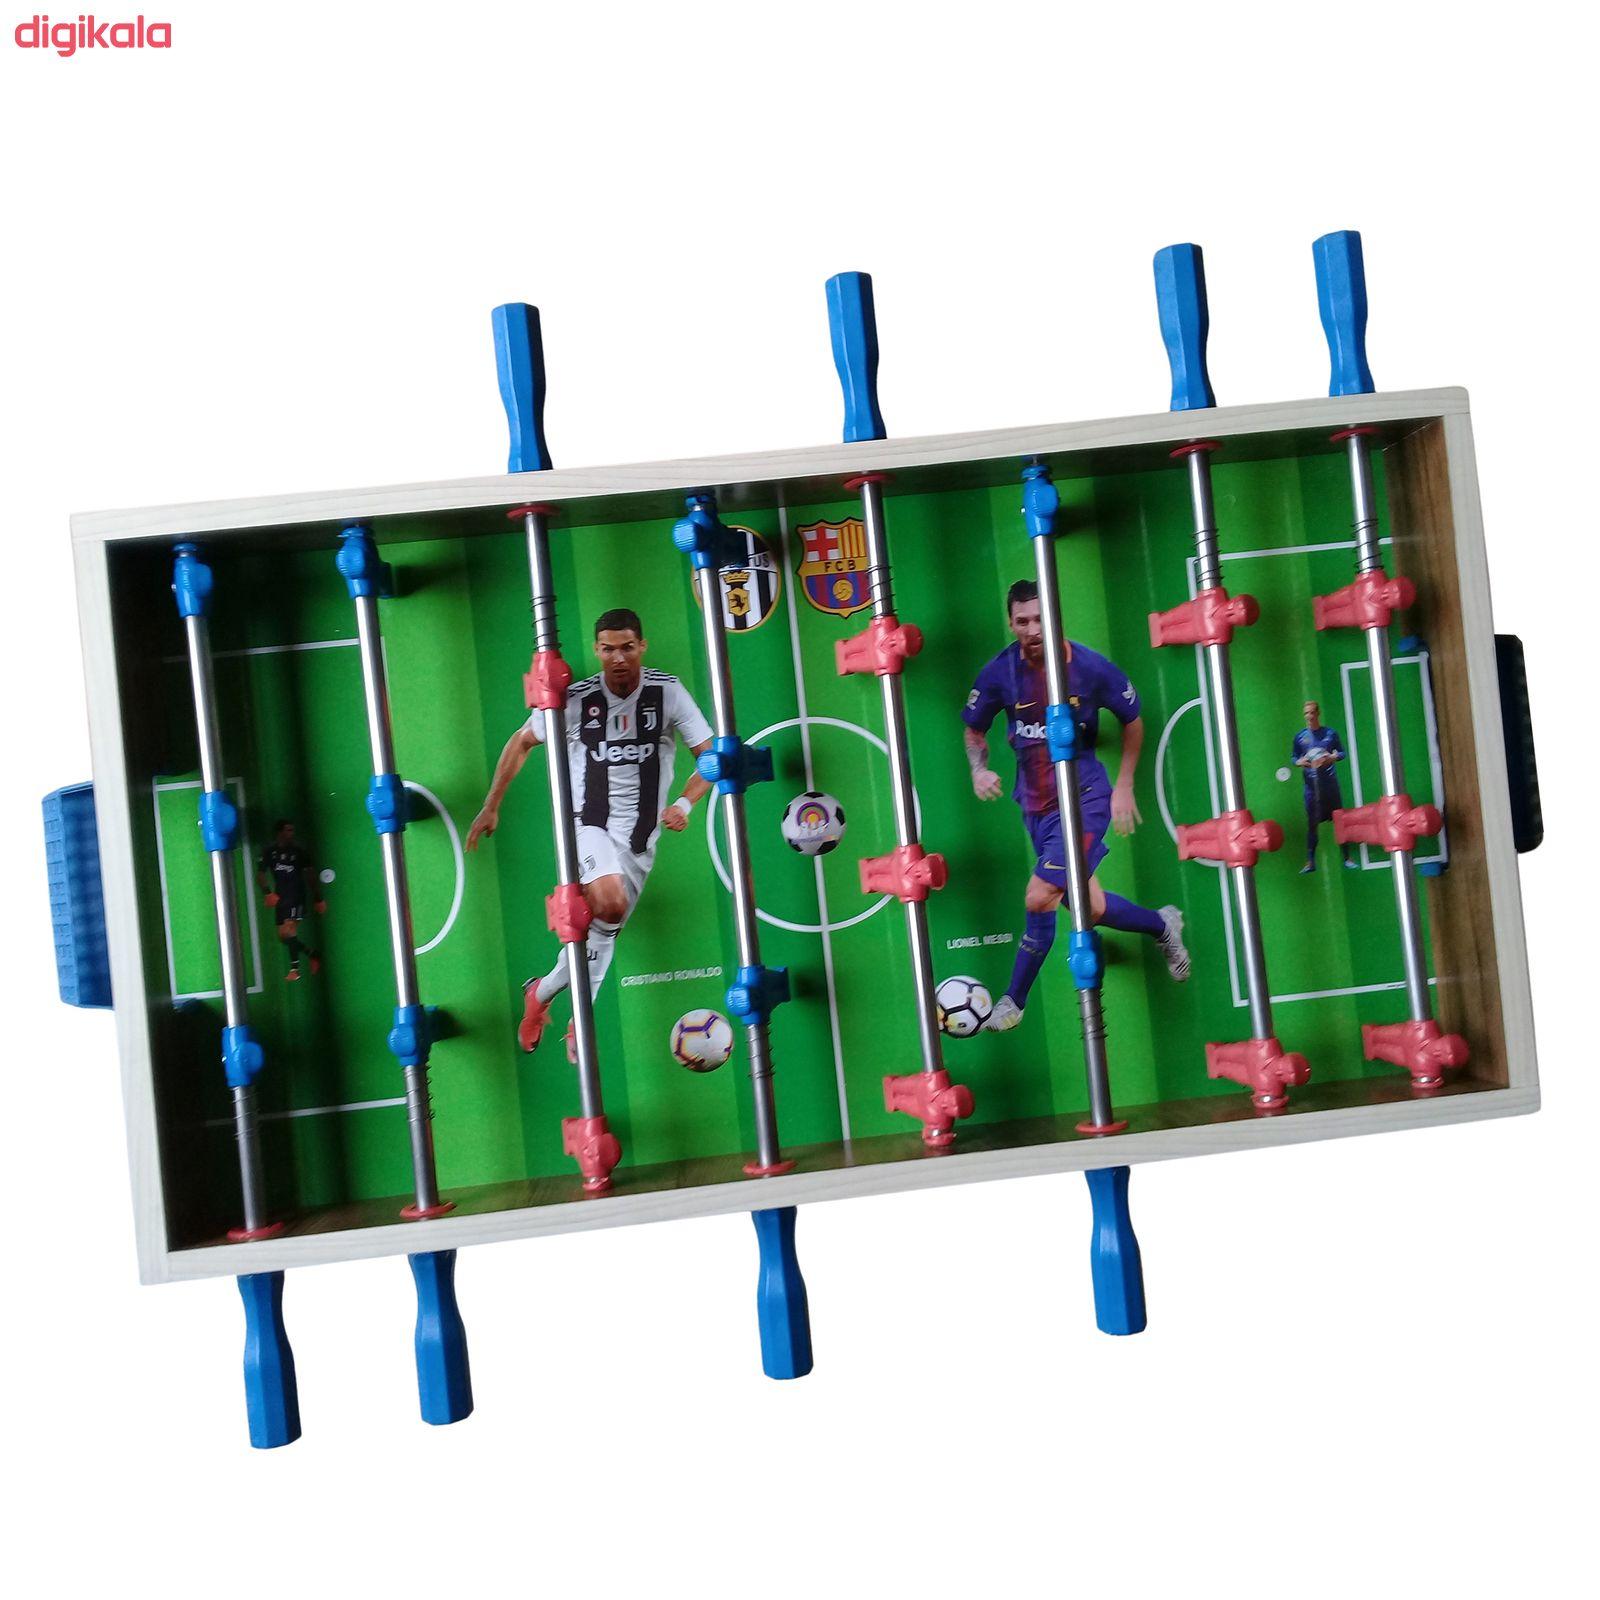 فوتبال دستی مدل ارمغان کد P-8M  main 1 3